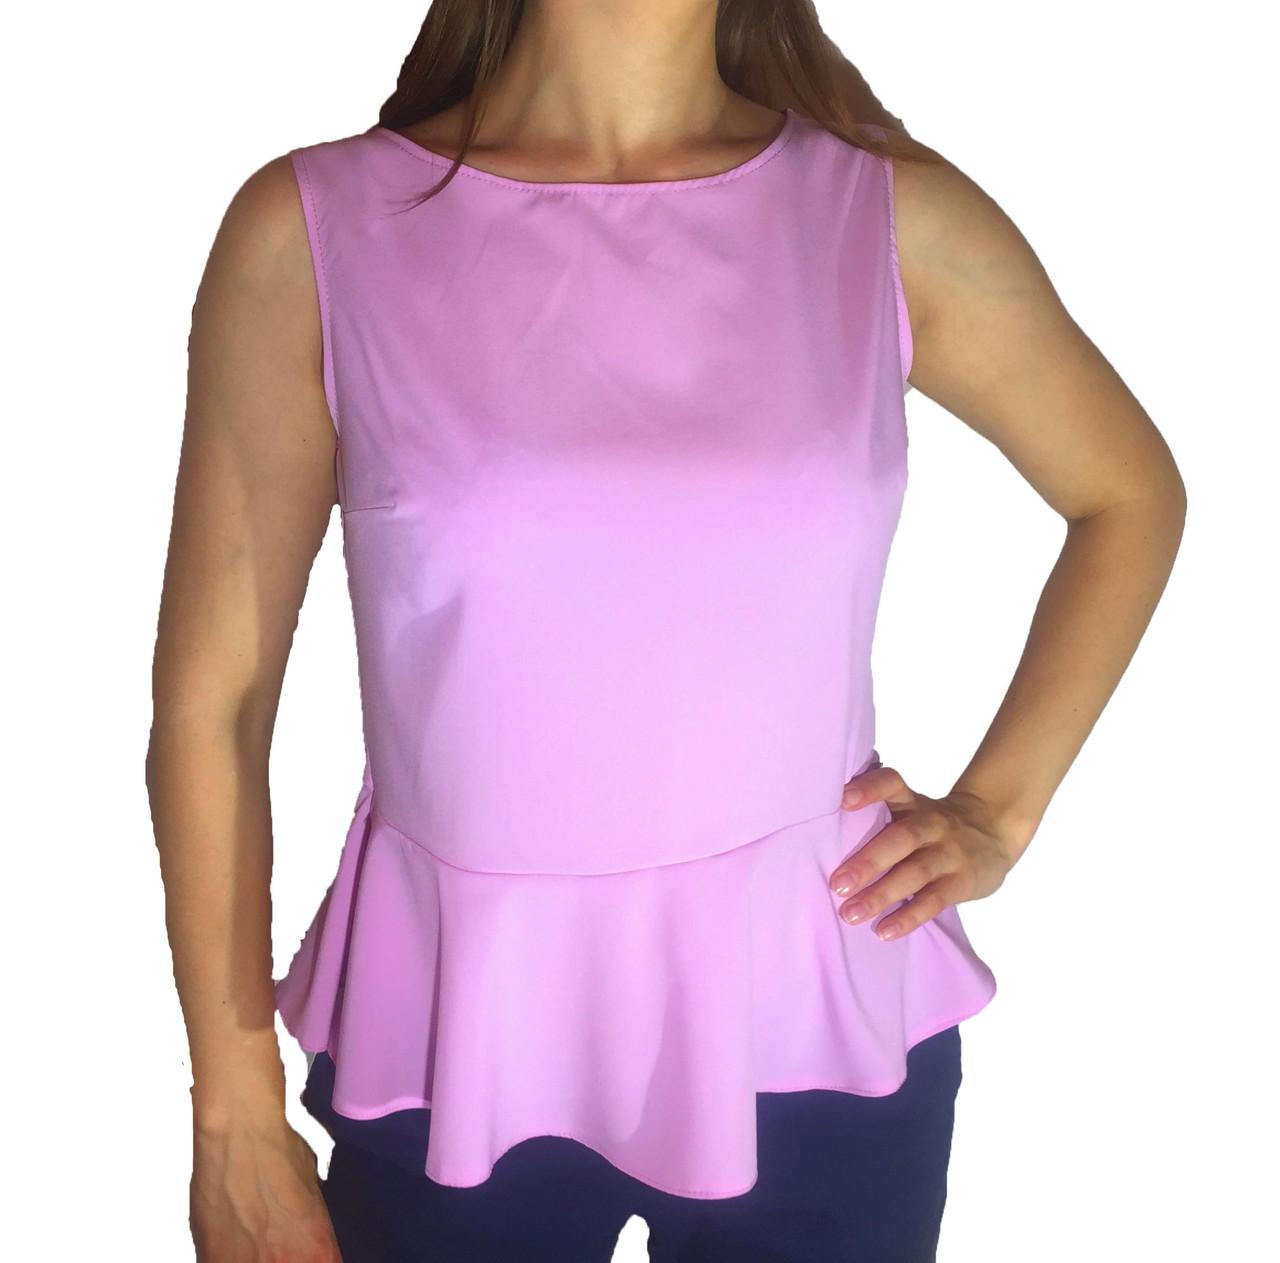 Женская блузка с баской розовая